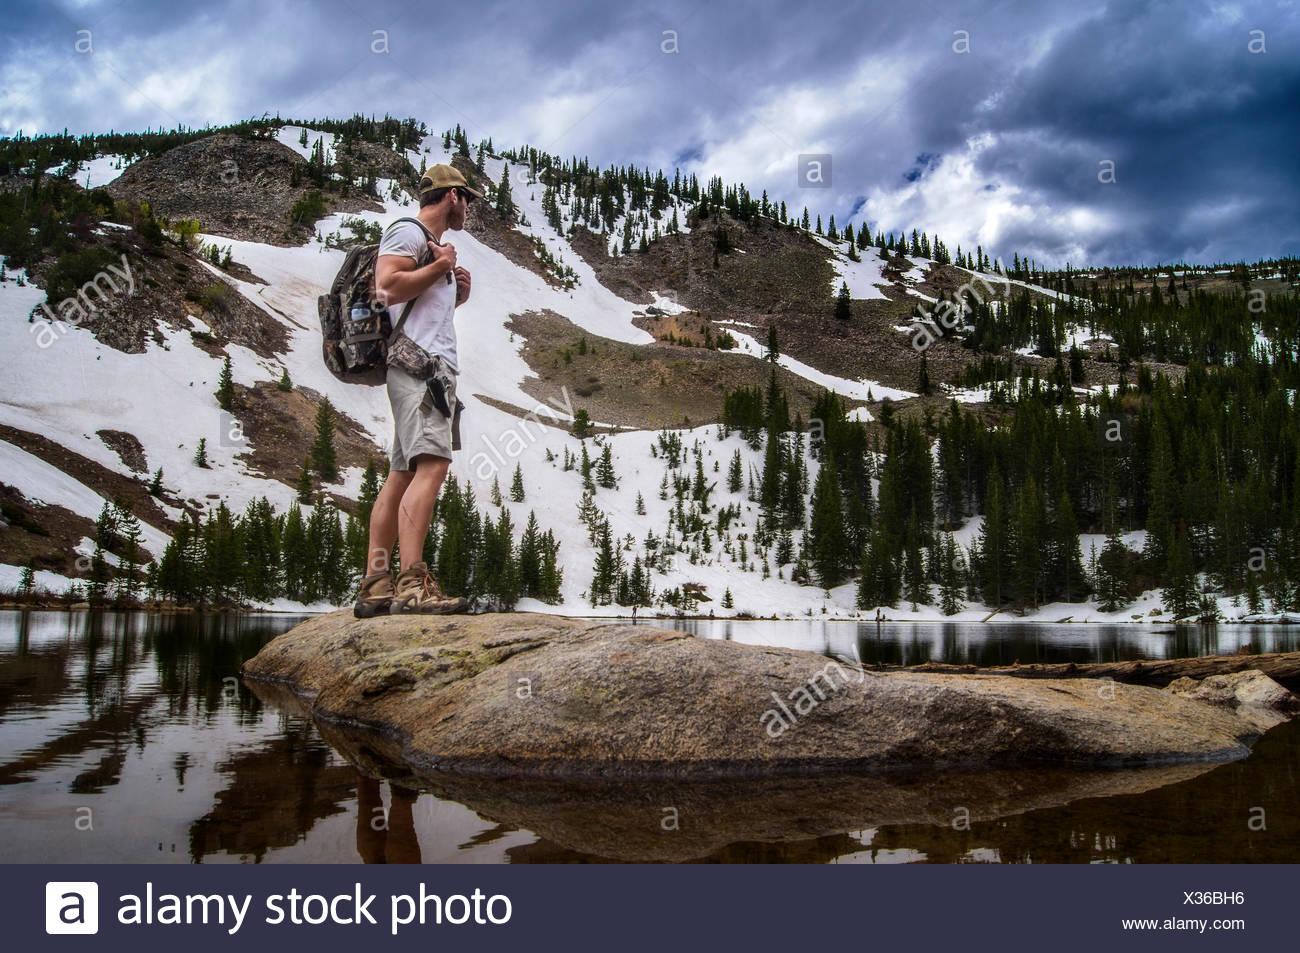 Stati Uniti d'America, Colorado, picchi indiano deserto, Escursionista guardando a vista Immagini Stock